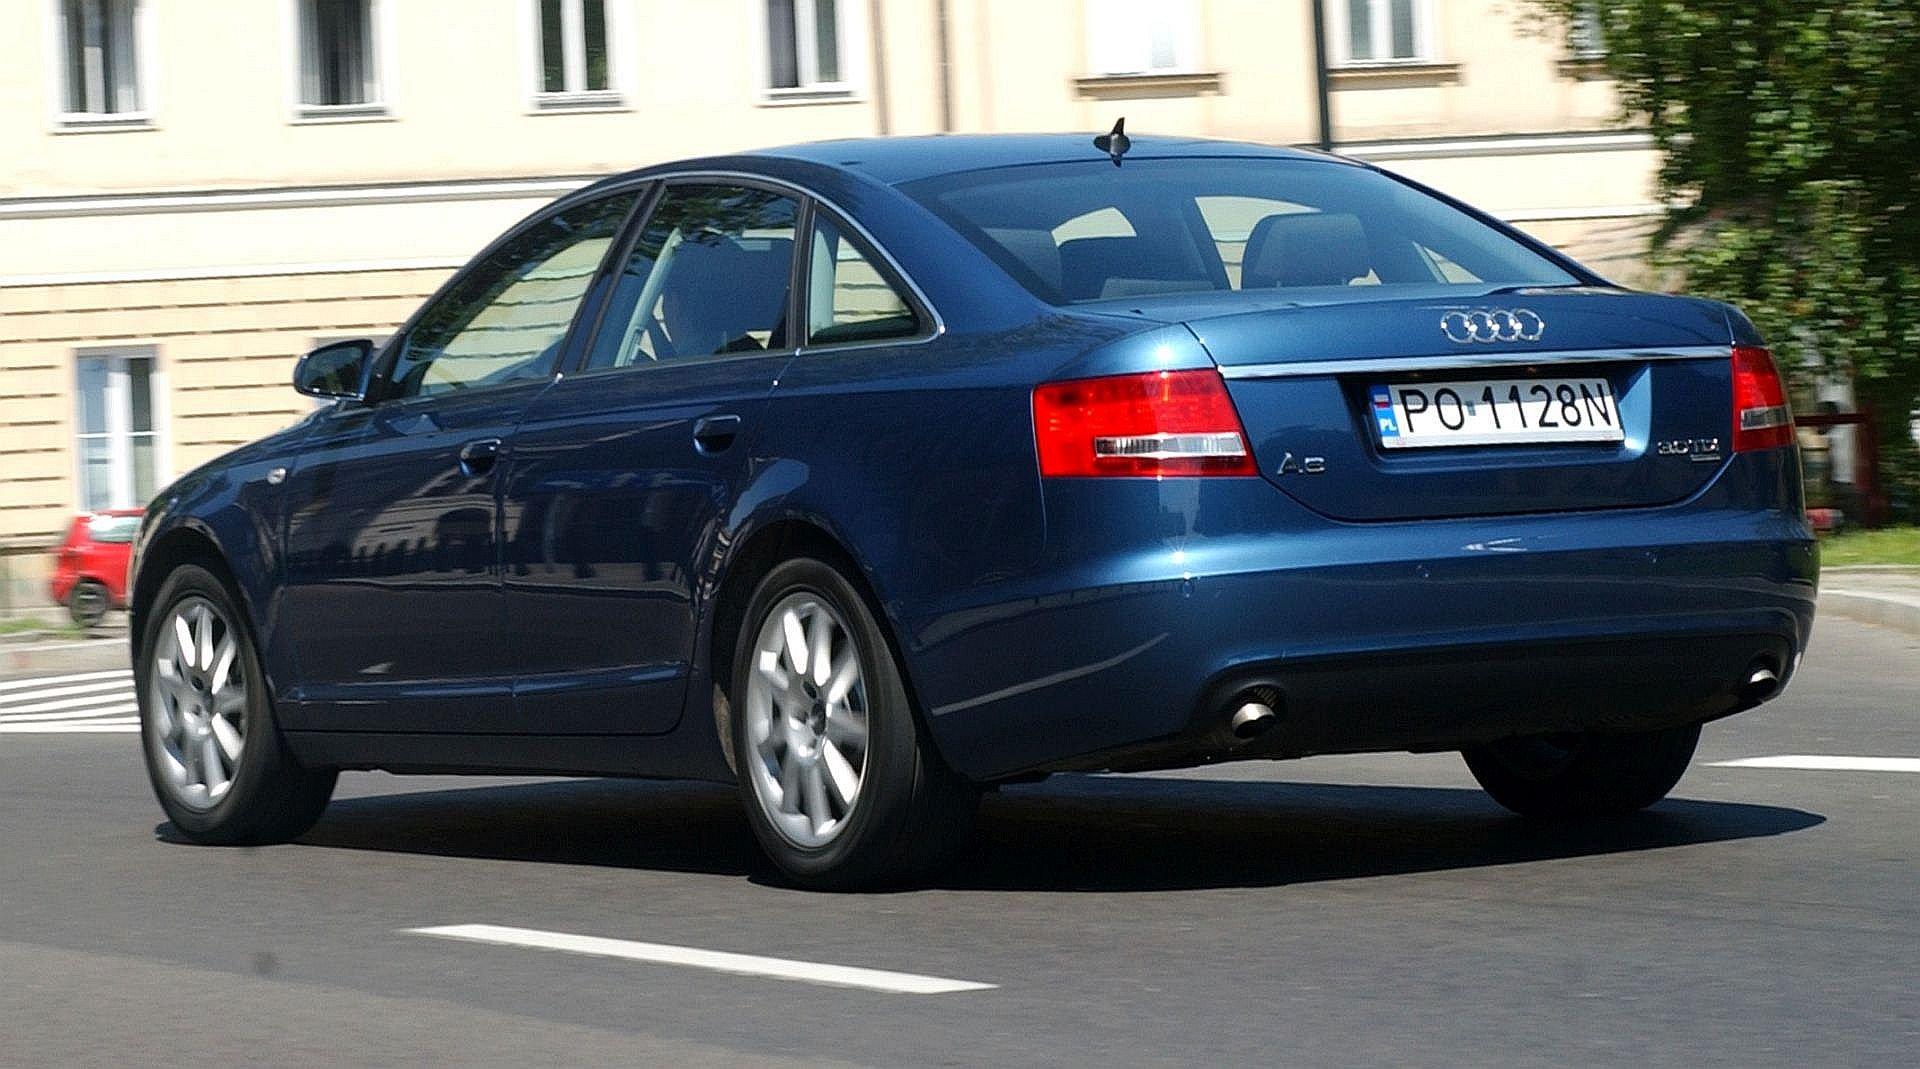 Używane Audi A6 (C6; 2004-2011) - opinie, dane techniczne ...